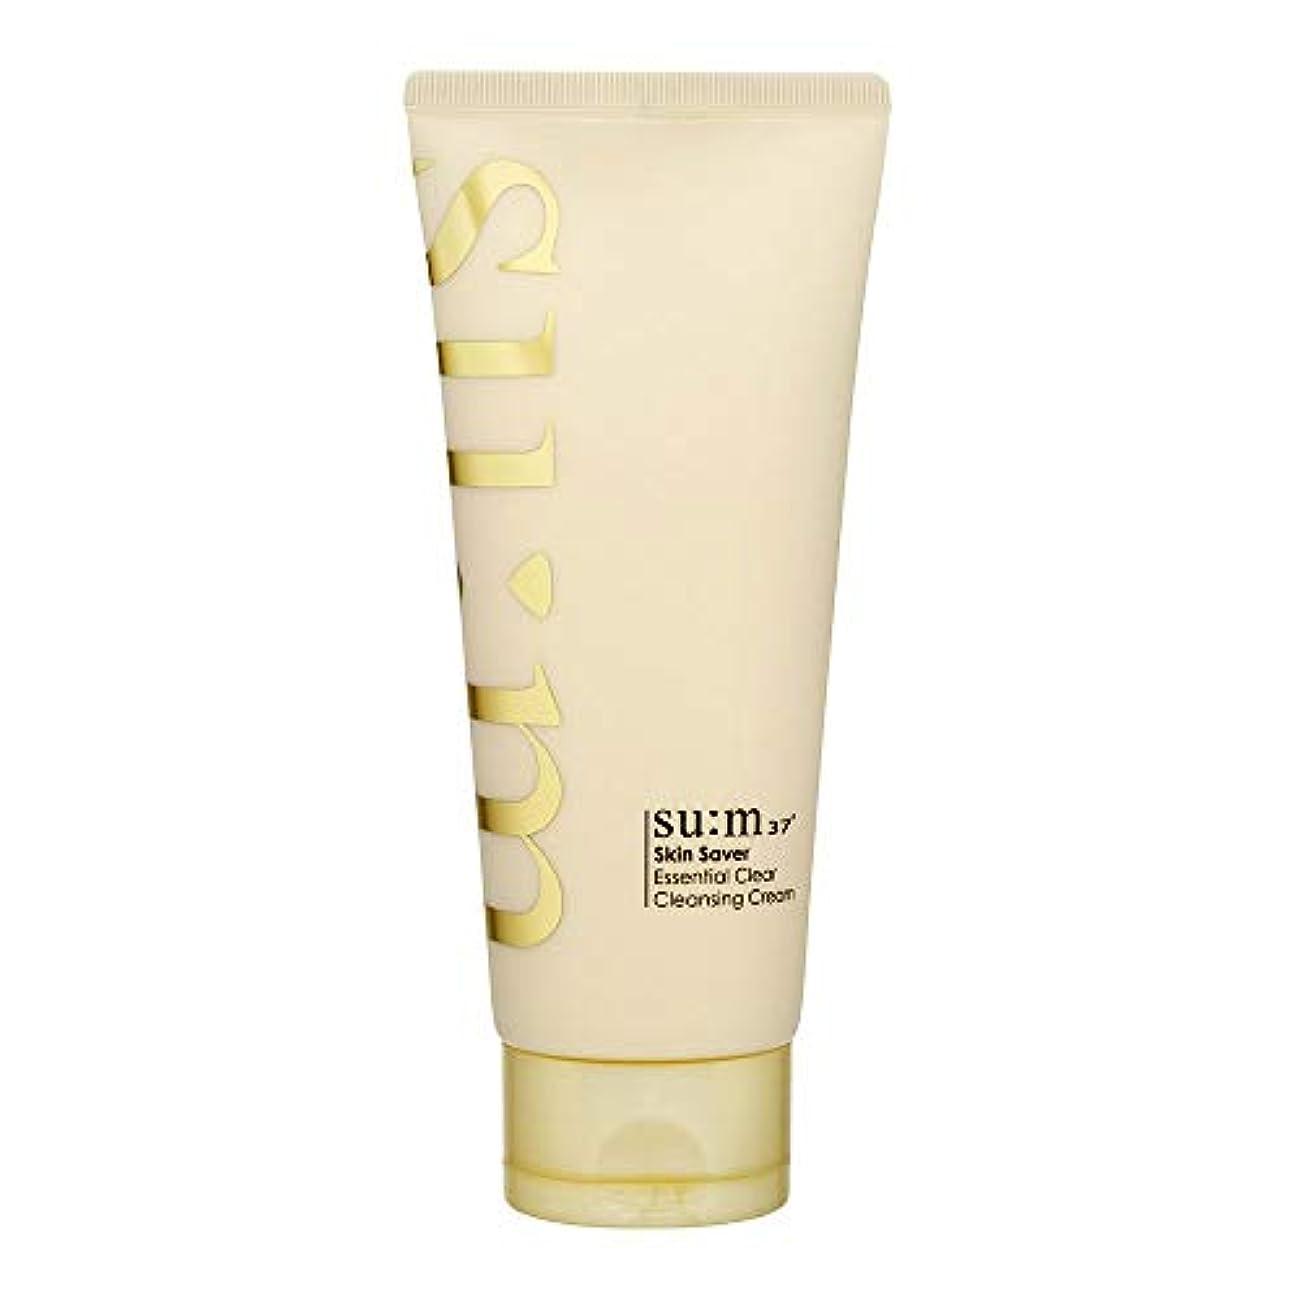 置くためにパック中ポルノ[スム37°] Sum37° スキンセイバー エッセンシャルクリアクレンジングクリーム  Skin saver Essential Clear Cleansing Cream (海外直送品) [並行輸入品]